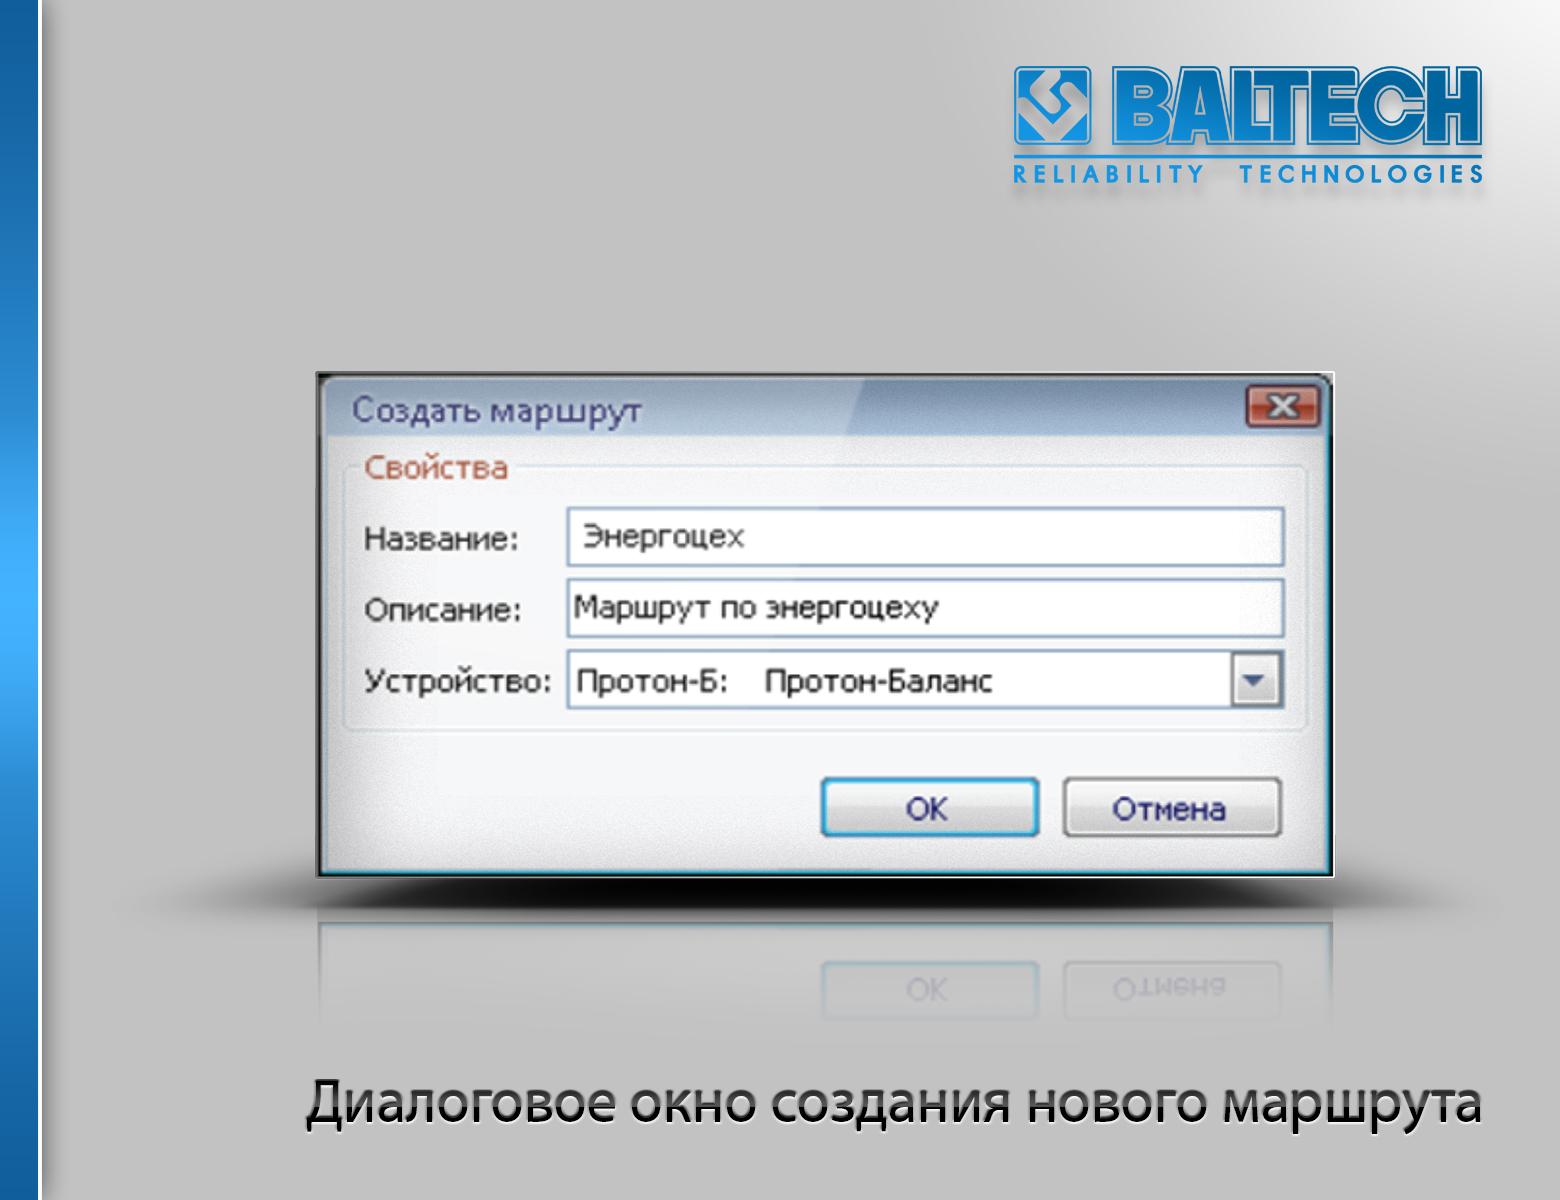 Диалоговое окно создания нового маршрута, программное обеспечение BALTECH-Expert, диагностика